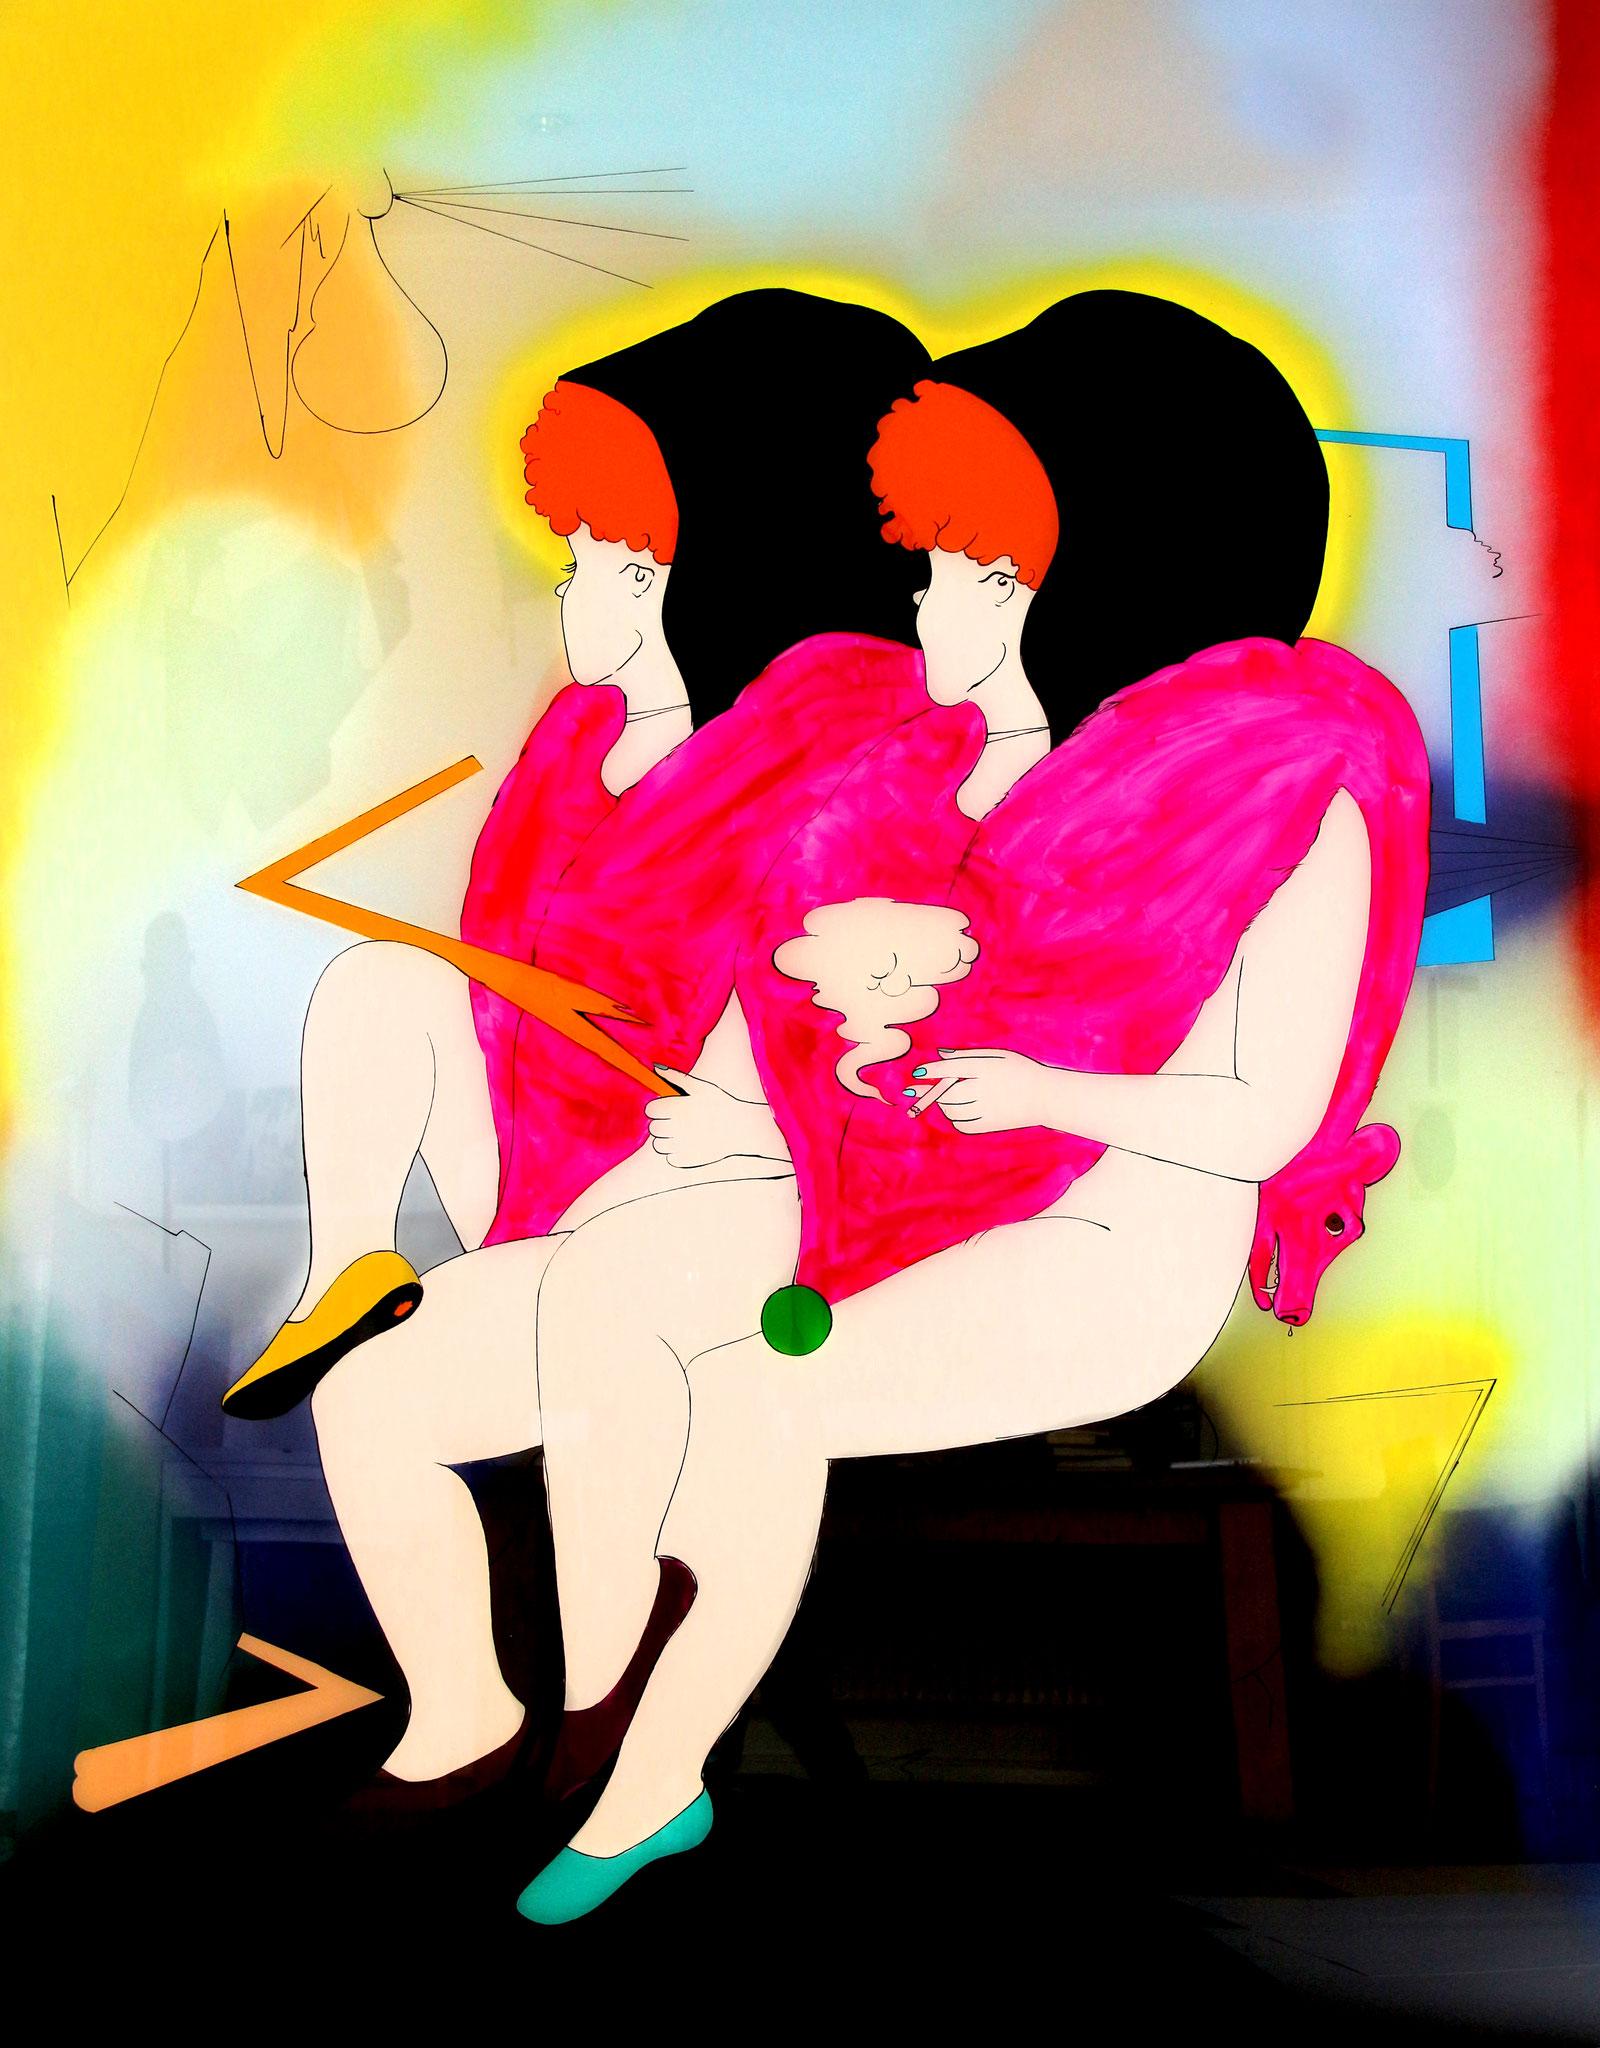 Dialektische Zwillinge, der Ursprung der Welt: Katharina Gschwendtner Malerei Zeichnung